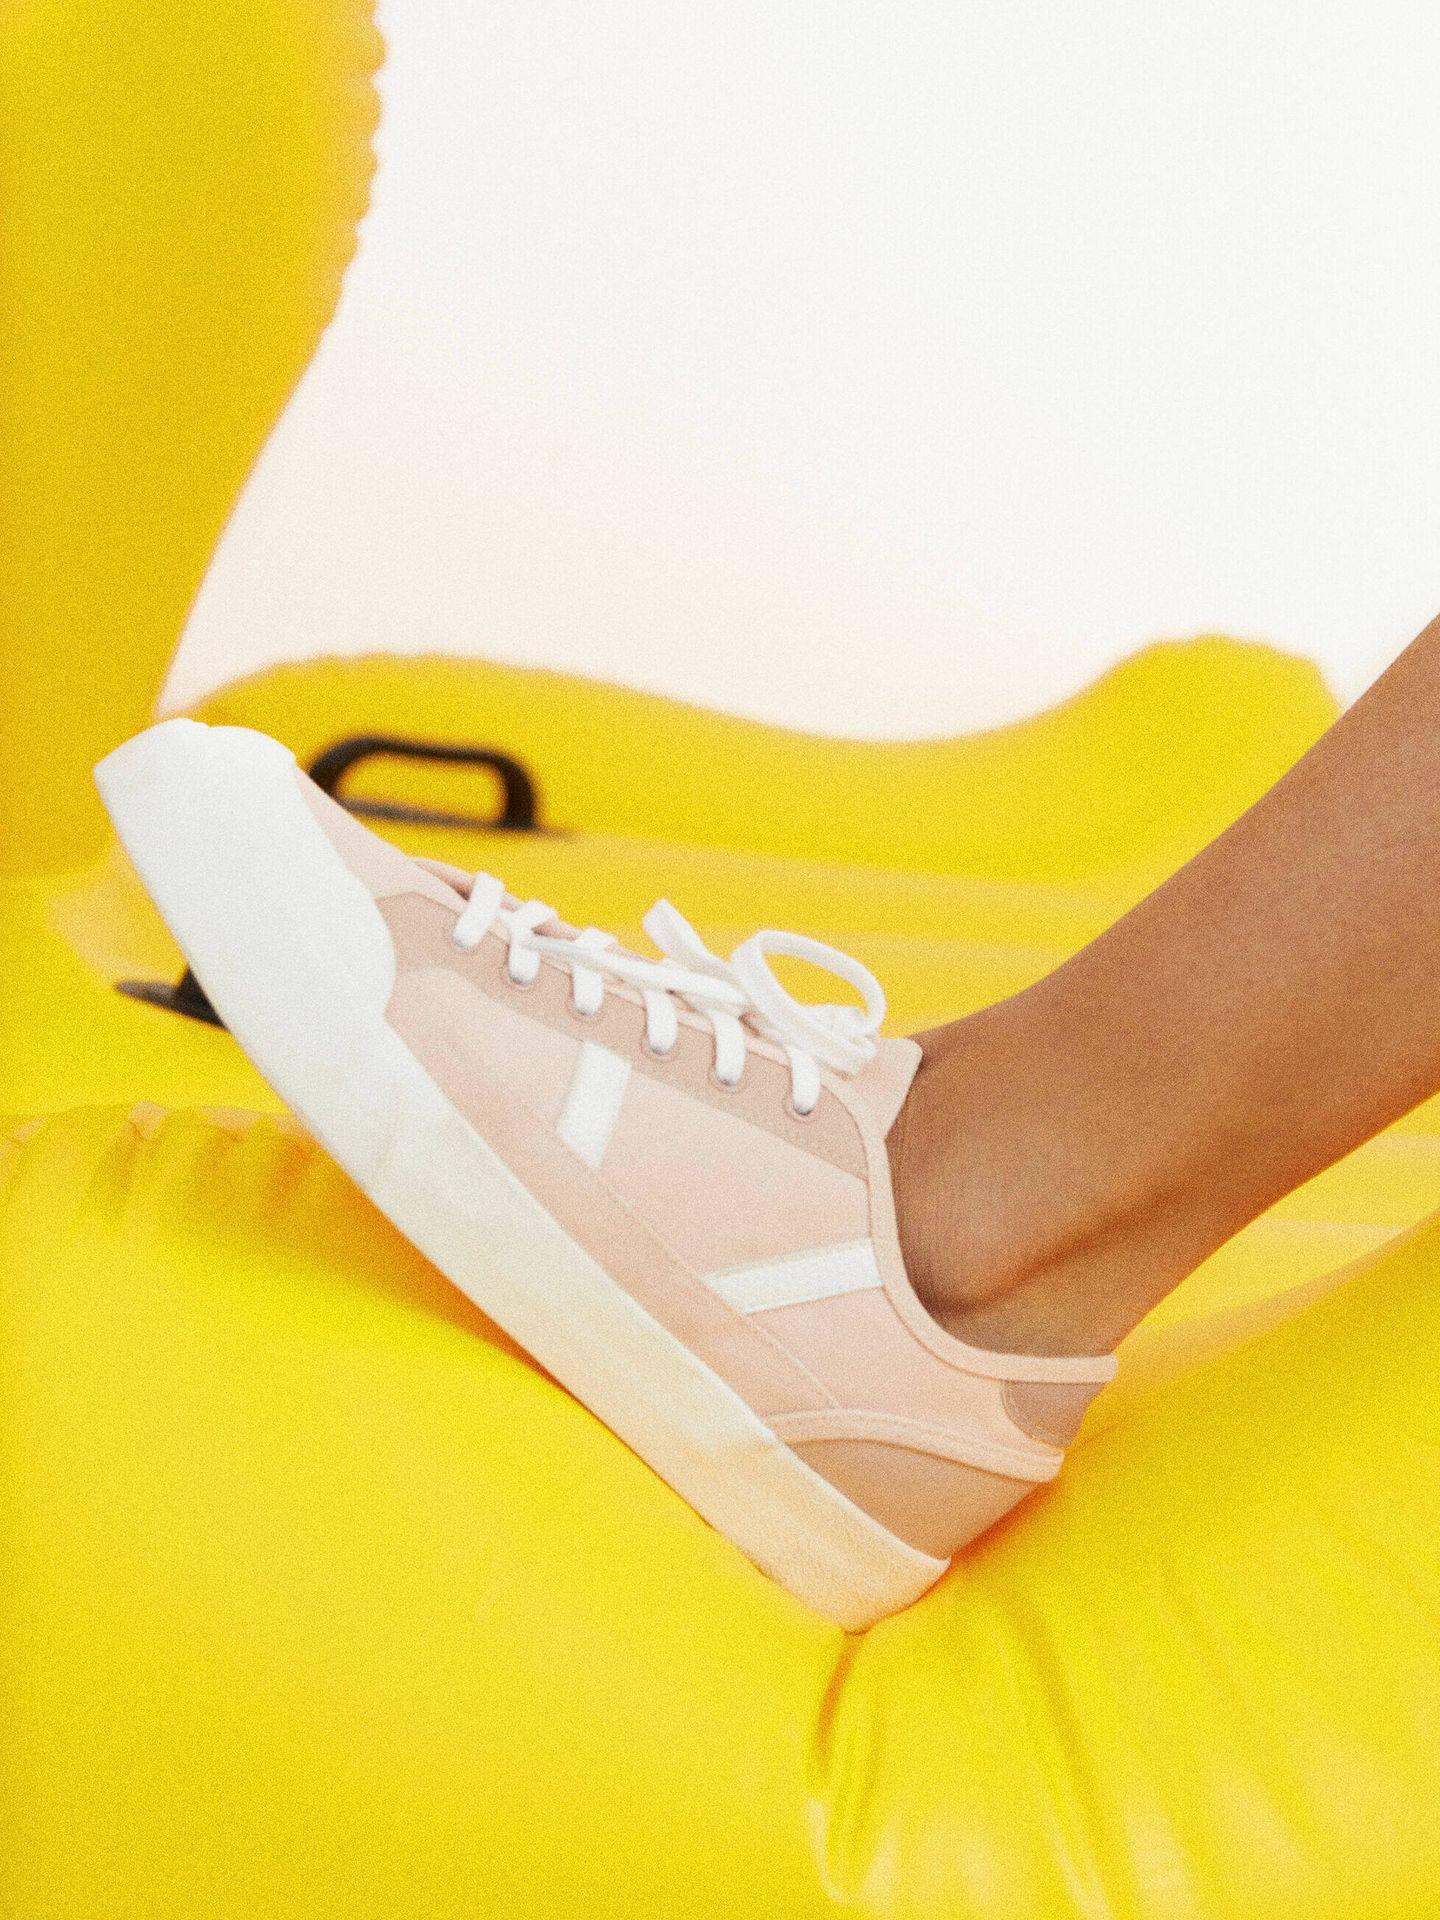 Las zapatillas de deporte de Parfois más veraniegas. (Cortesía)